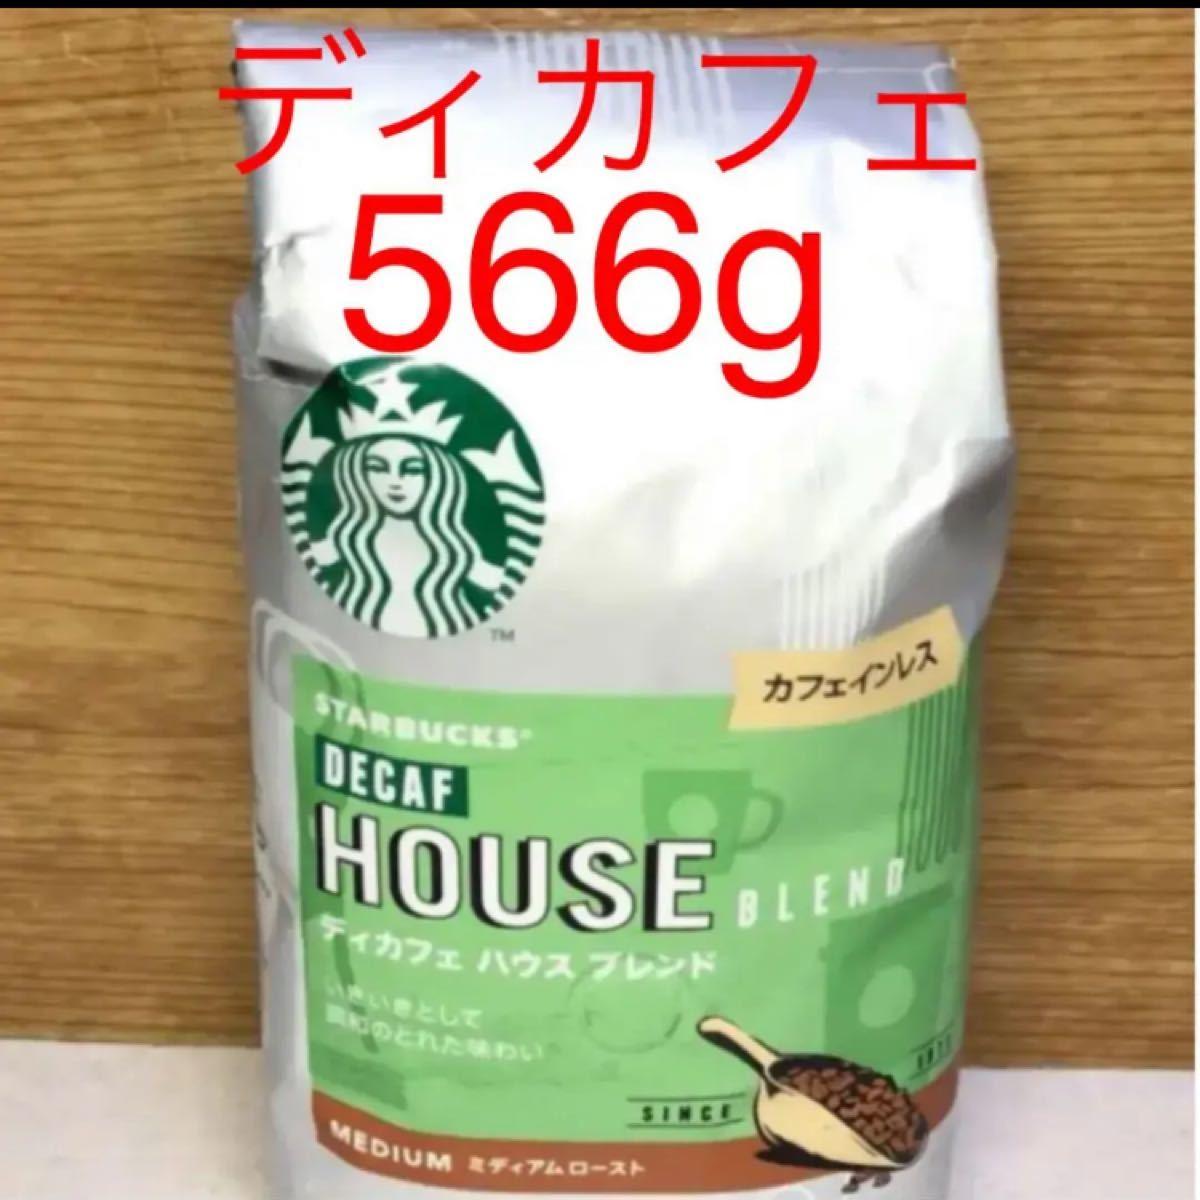 スターバックスコーヒー カフェインレス ハウスブレンド 566g 大容量 スタバコーヒー ディカフェ レギュラーコーヒー